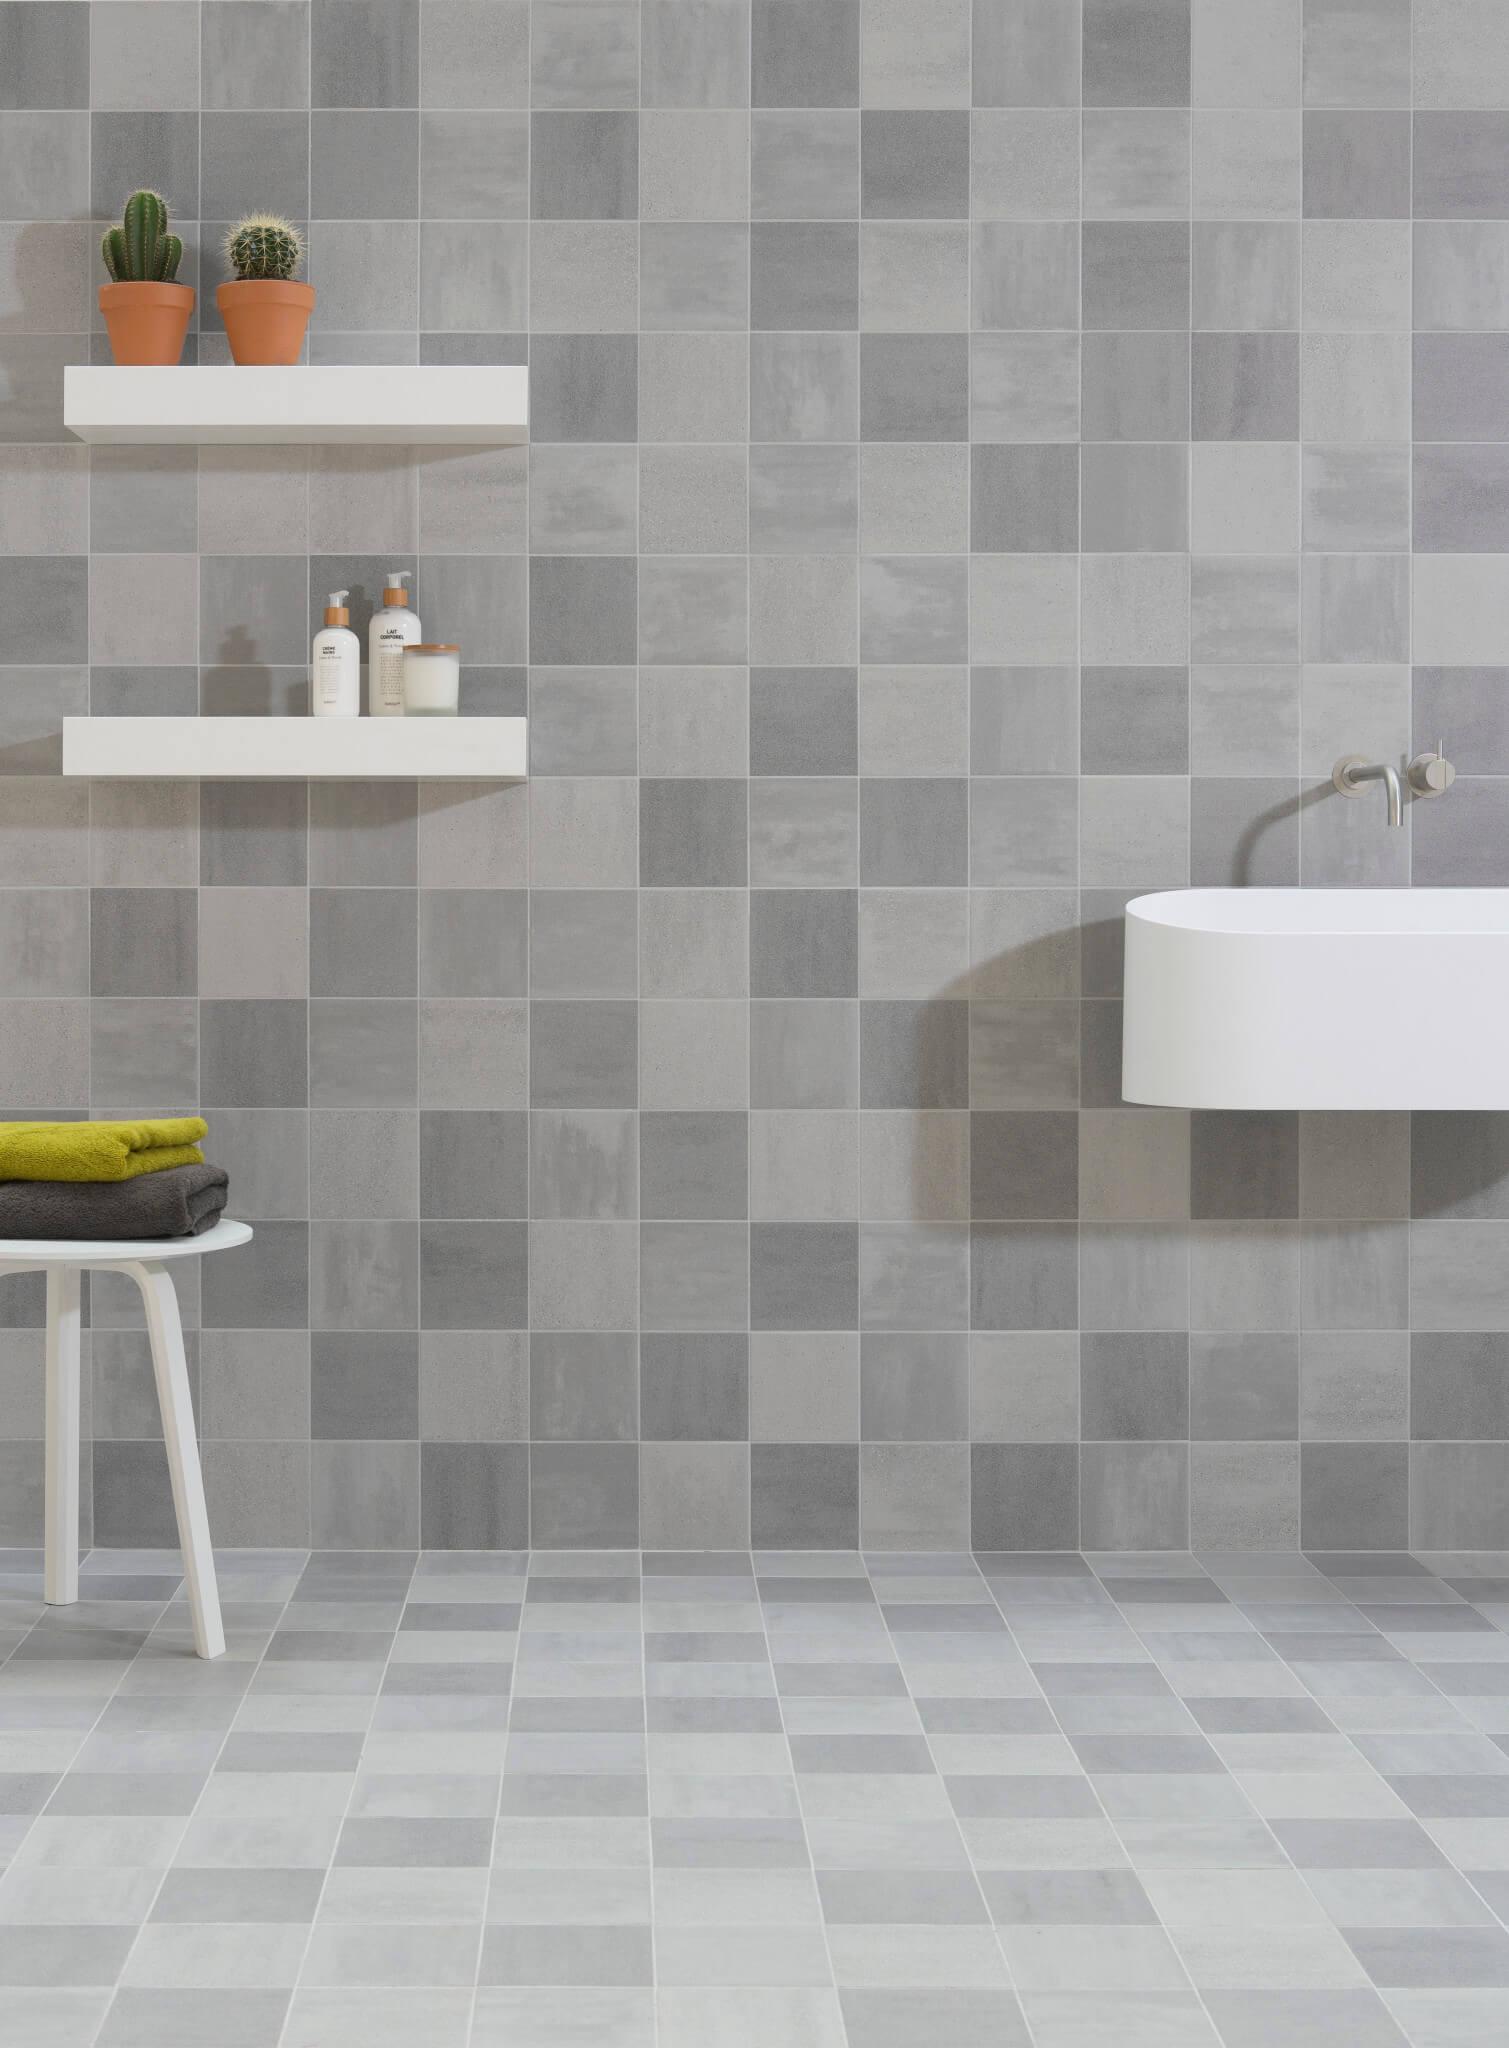 Badkamer Tegels Grijs.Badkamer Tegels Mozaiek